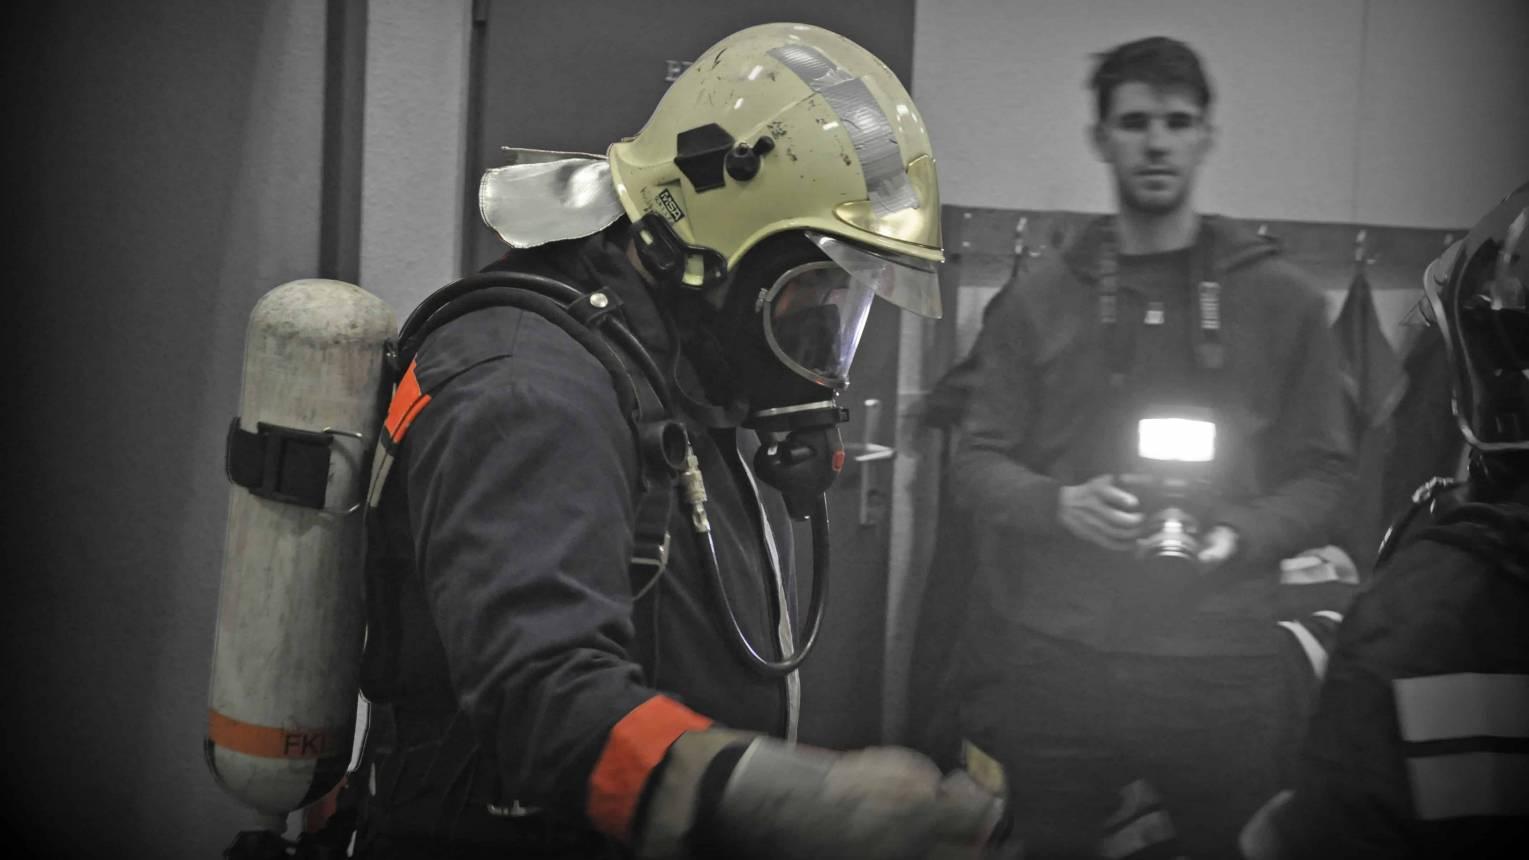 Tűzoltó akadálypálya gyakorlat szimulációs szobában 10 fő részére